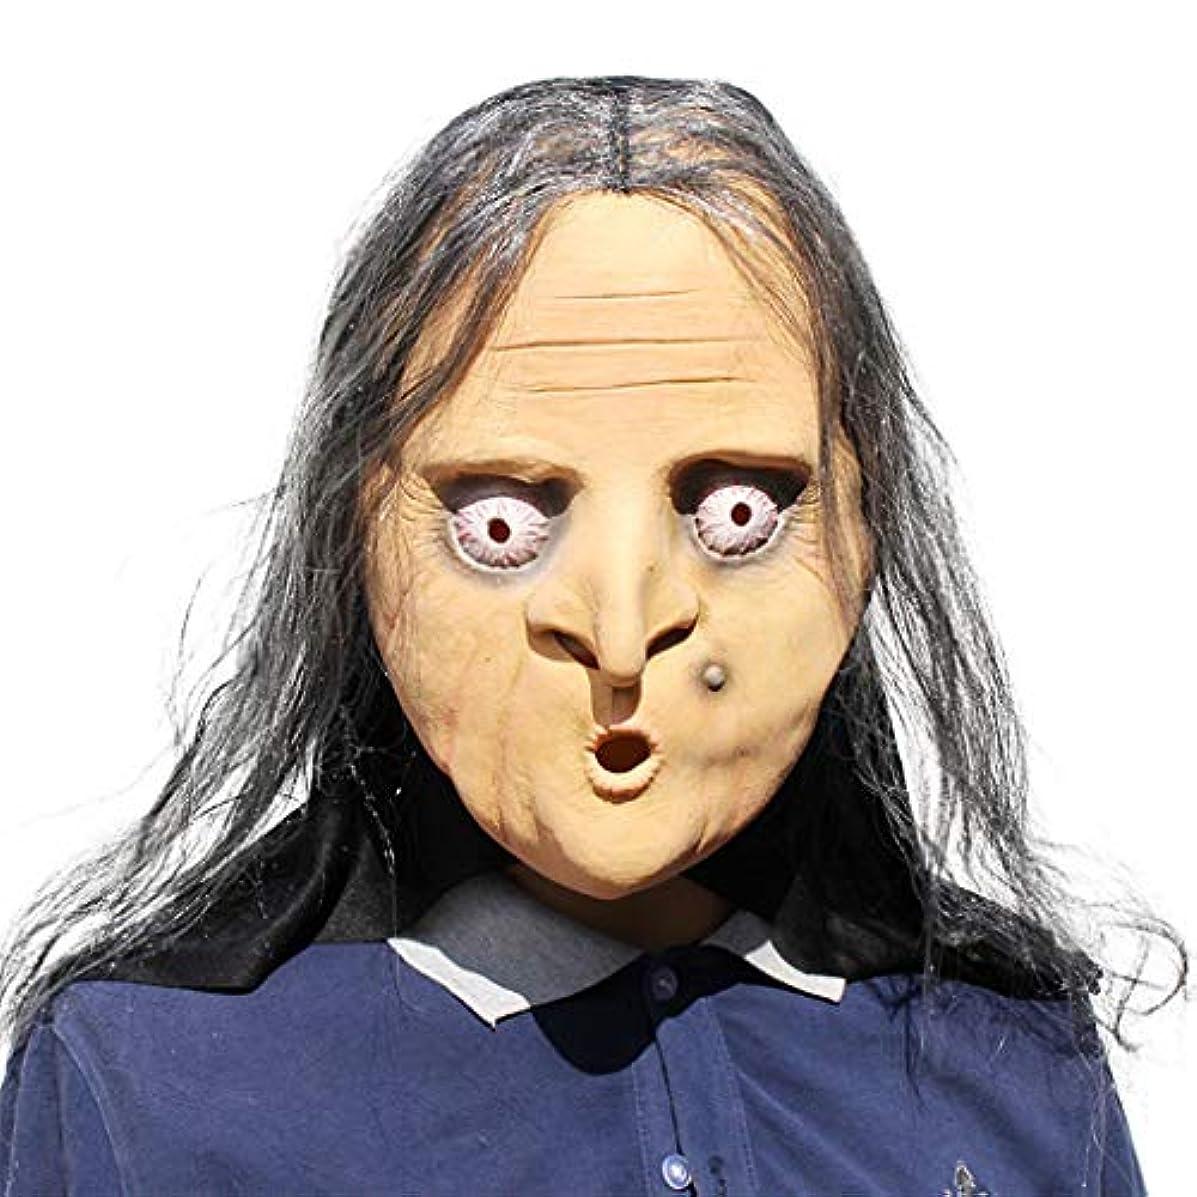 調査ただ強度ハロウィーンマスク、ラテックスマスク、なりすまし魔女怖い通気性快適なフード、ハロウィーン仮装用、ギフト、コスチュームパーティー、イースター